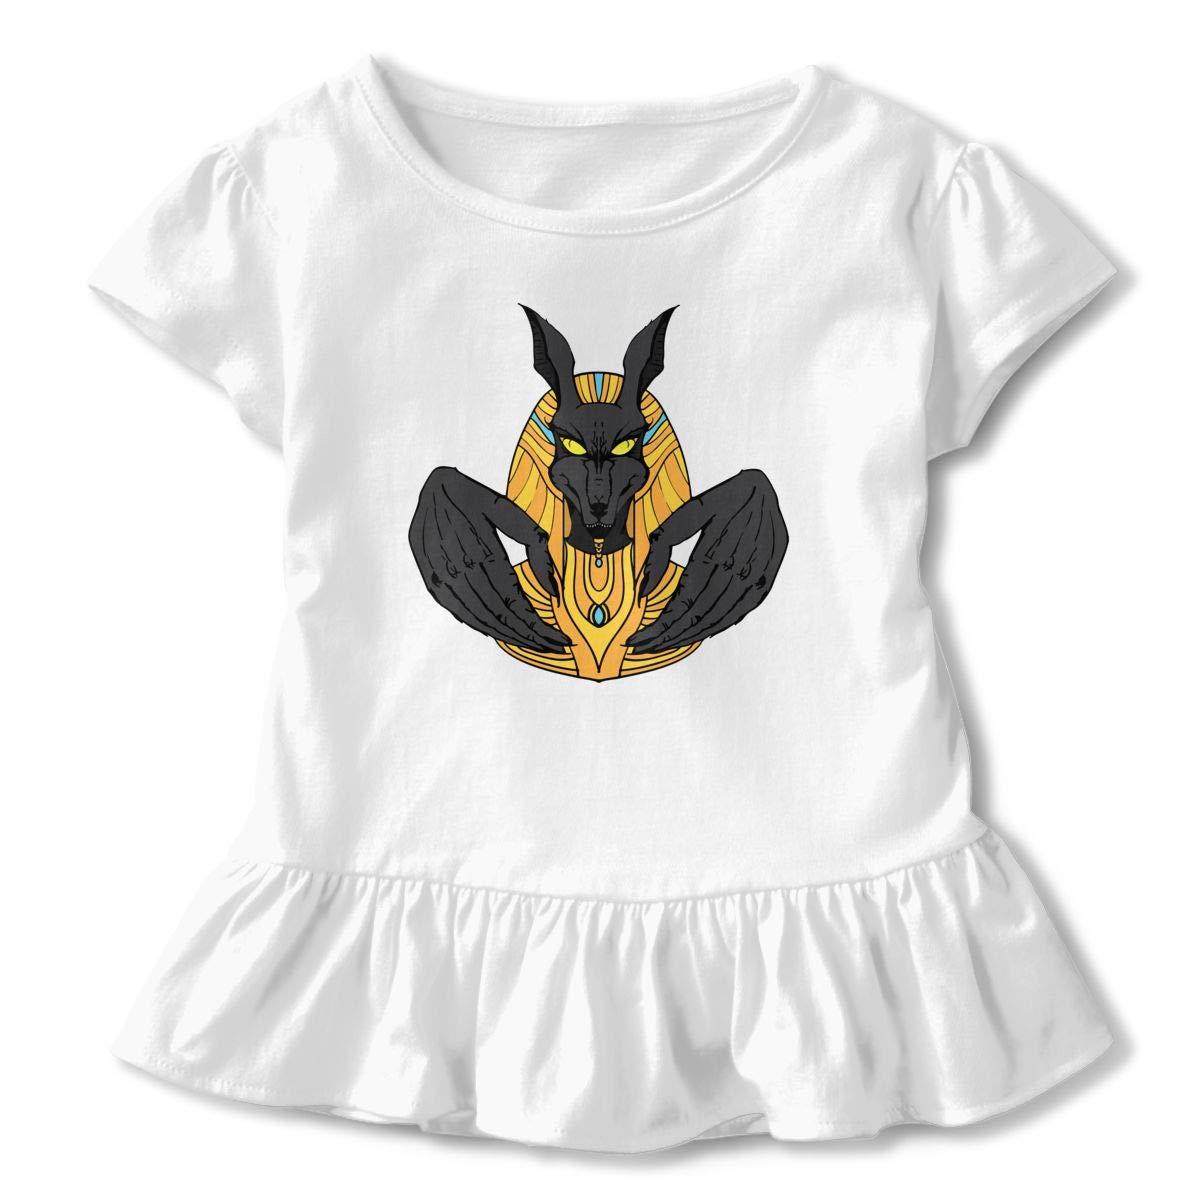 Anubis Werewolf Art Egypt God Toddler Baby Girls Short Sleeve Ruffle T-Shirt